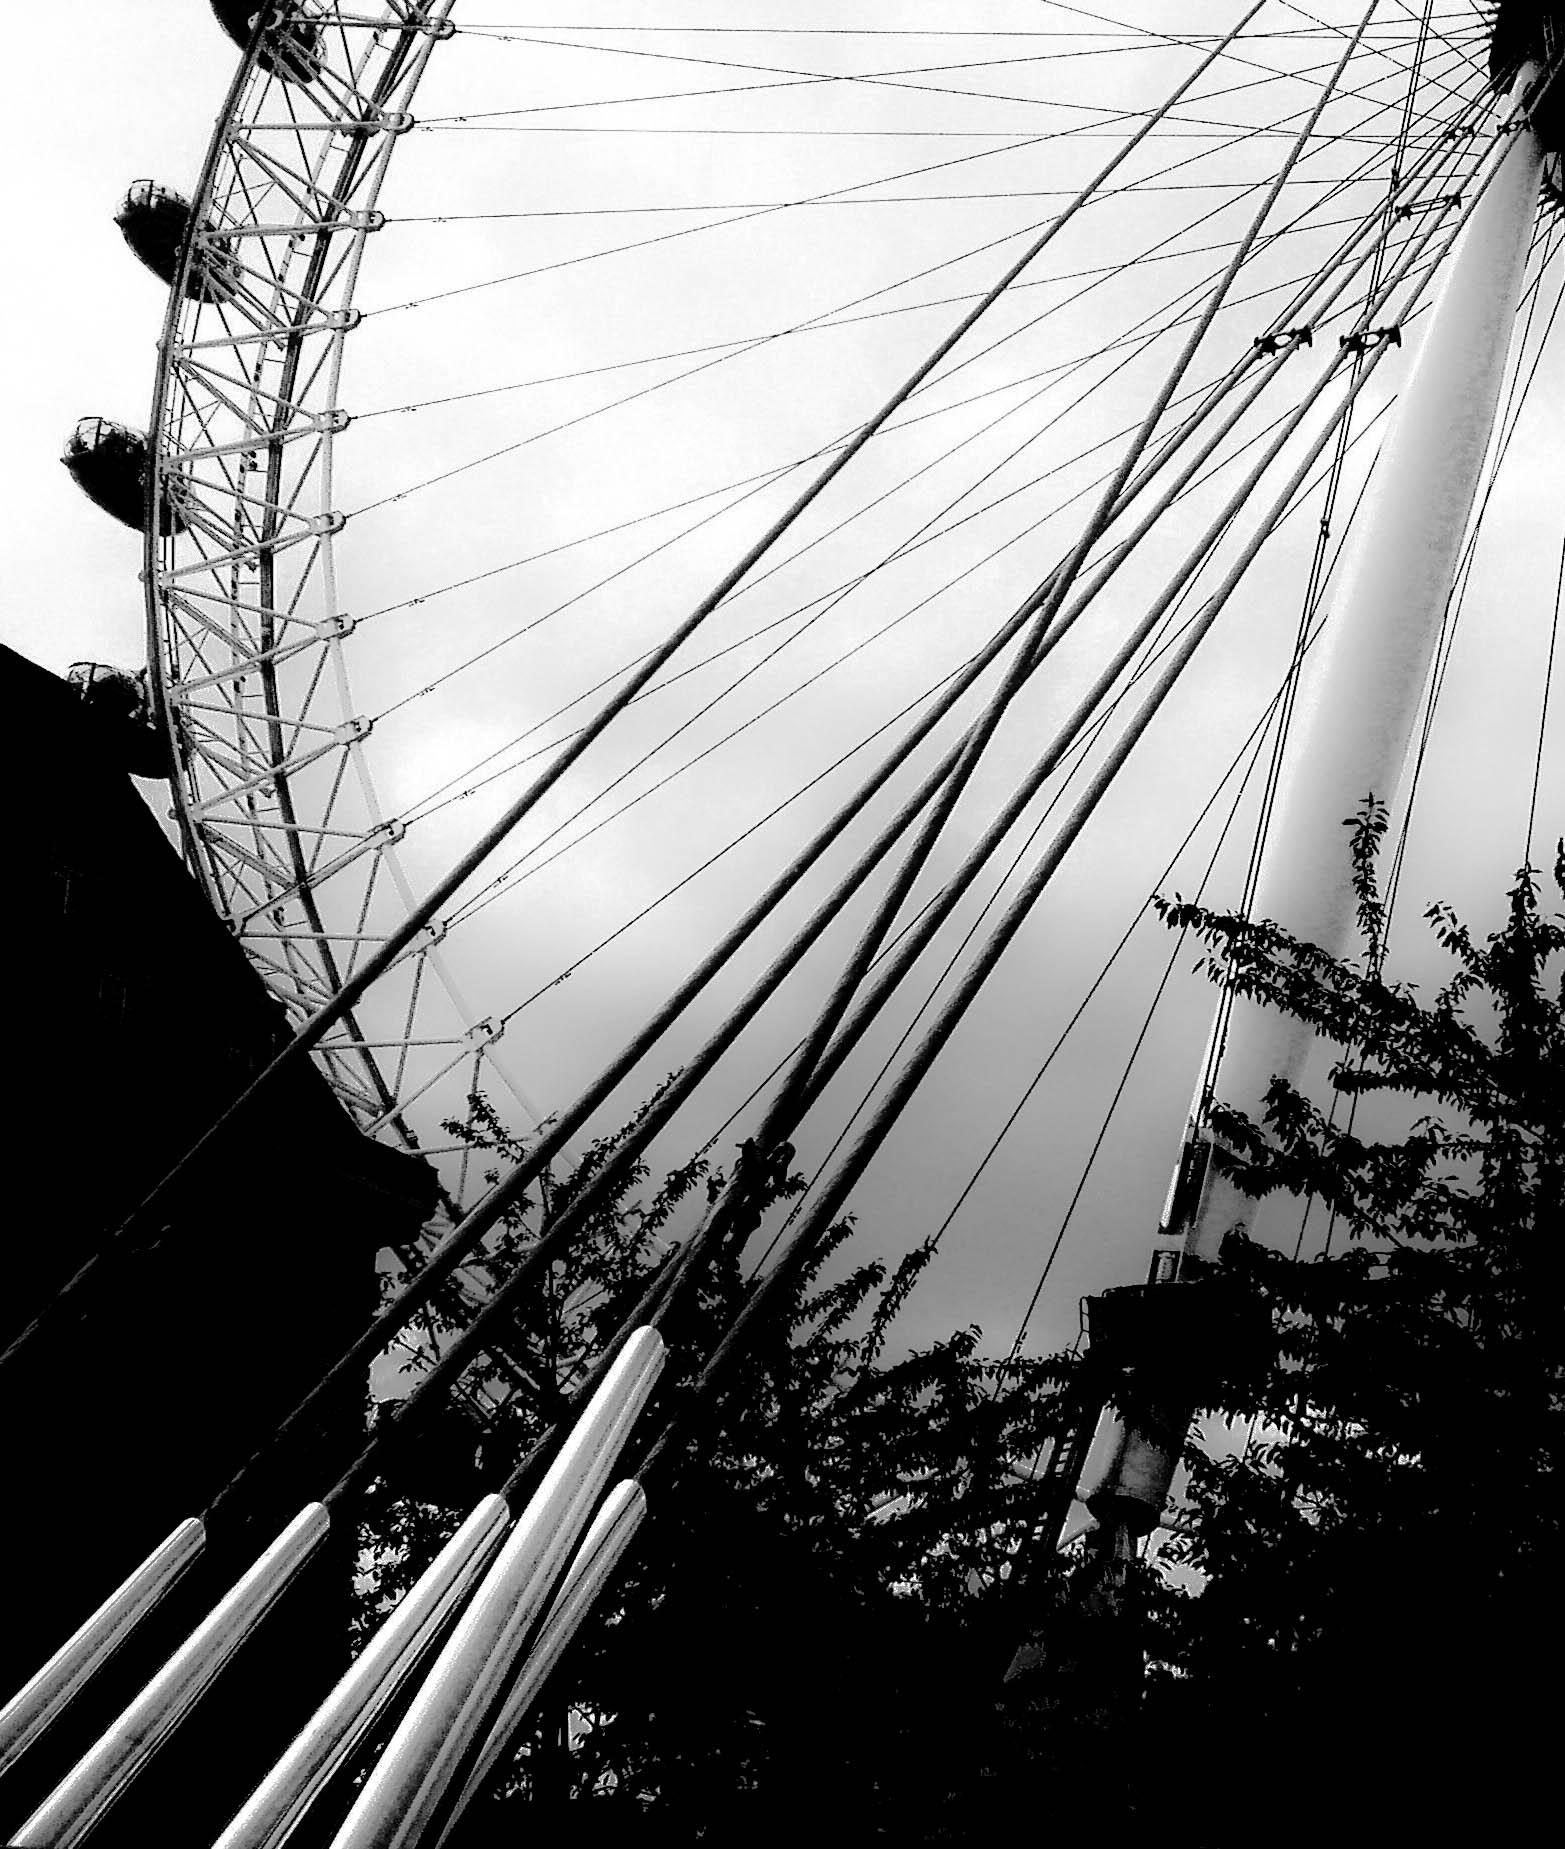 london-eye_8121761333_o.jpg